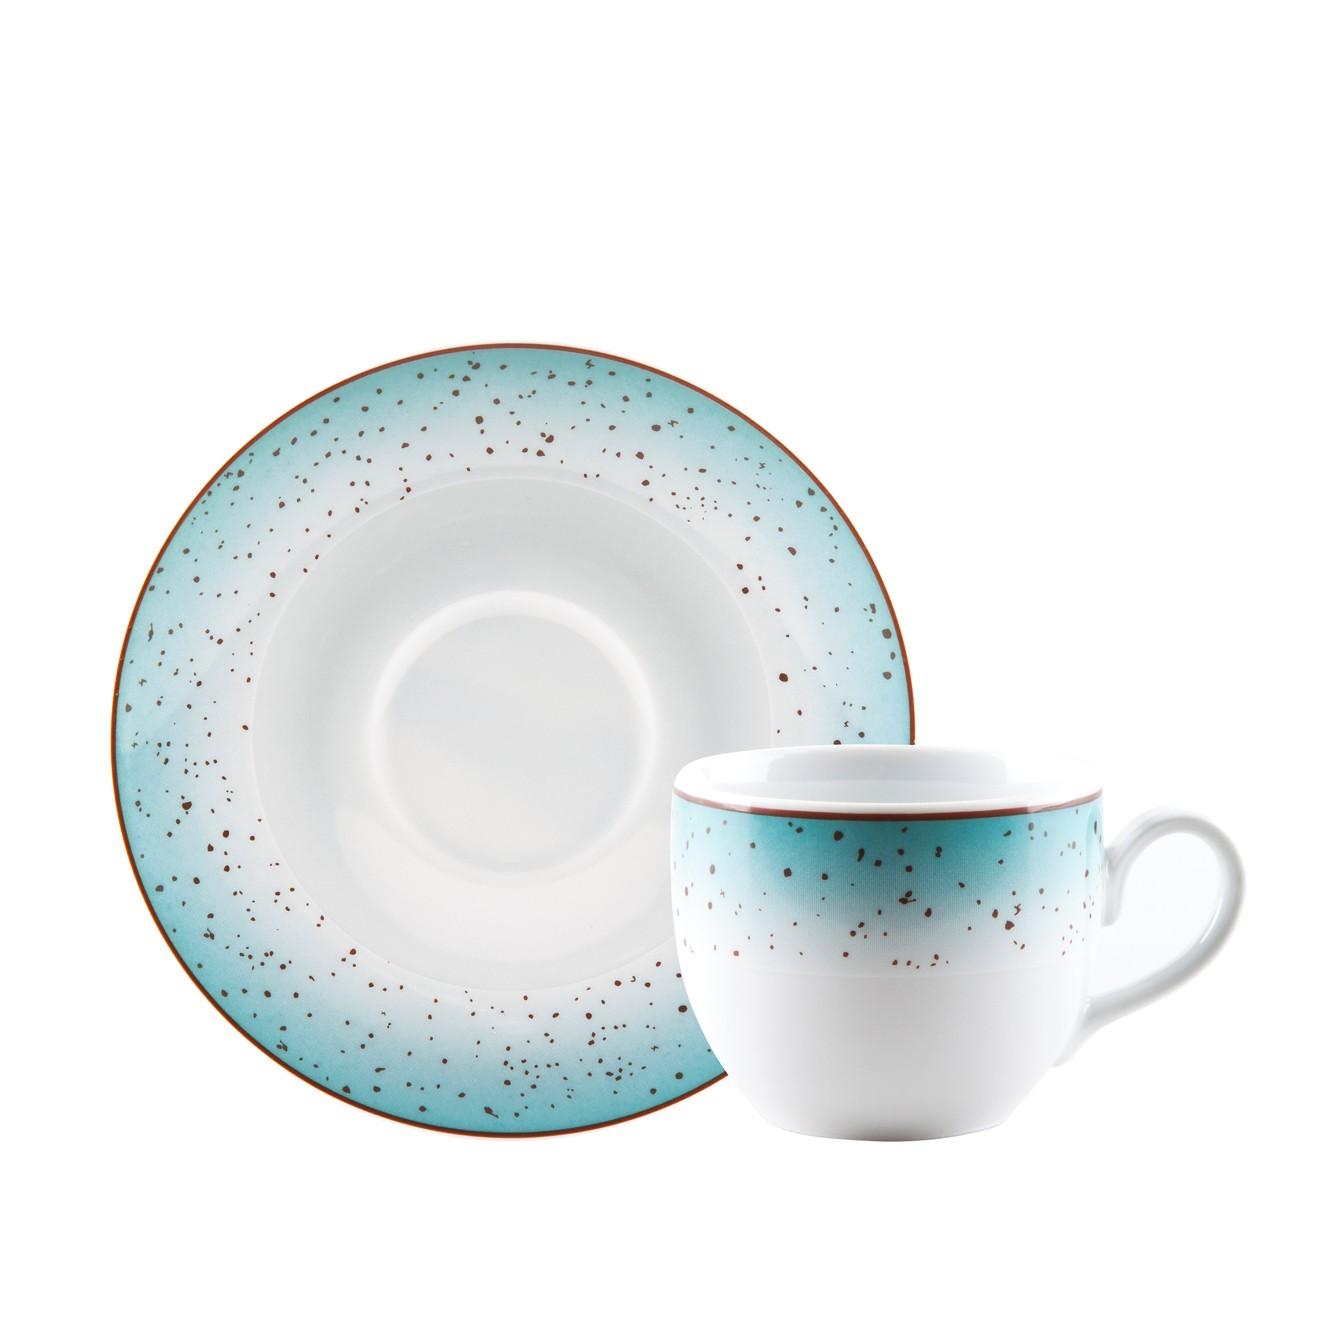 Φλιτζάνι & Πιάτο Τσαγιού Metamorphosis Blue Σετ 6τμχ Ionia home   ειδη cafe τσαϊ   κούπες   φλυτζάνια